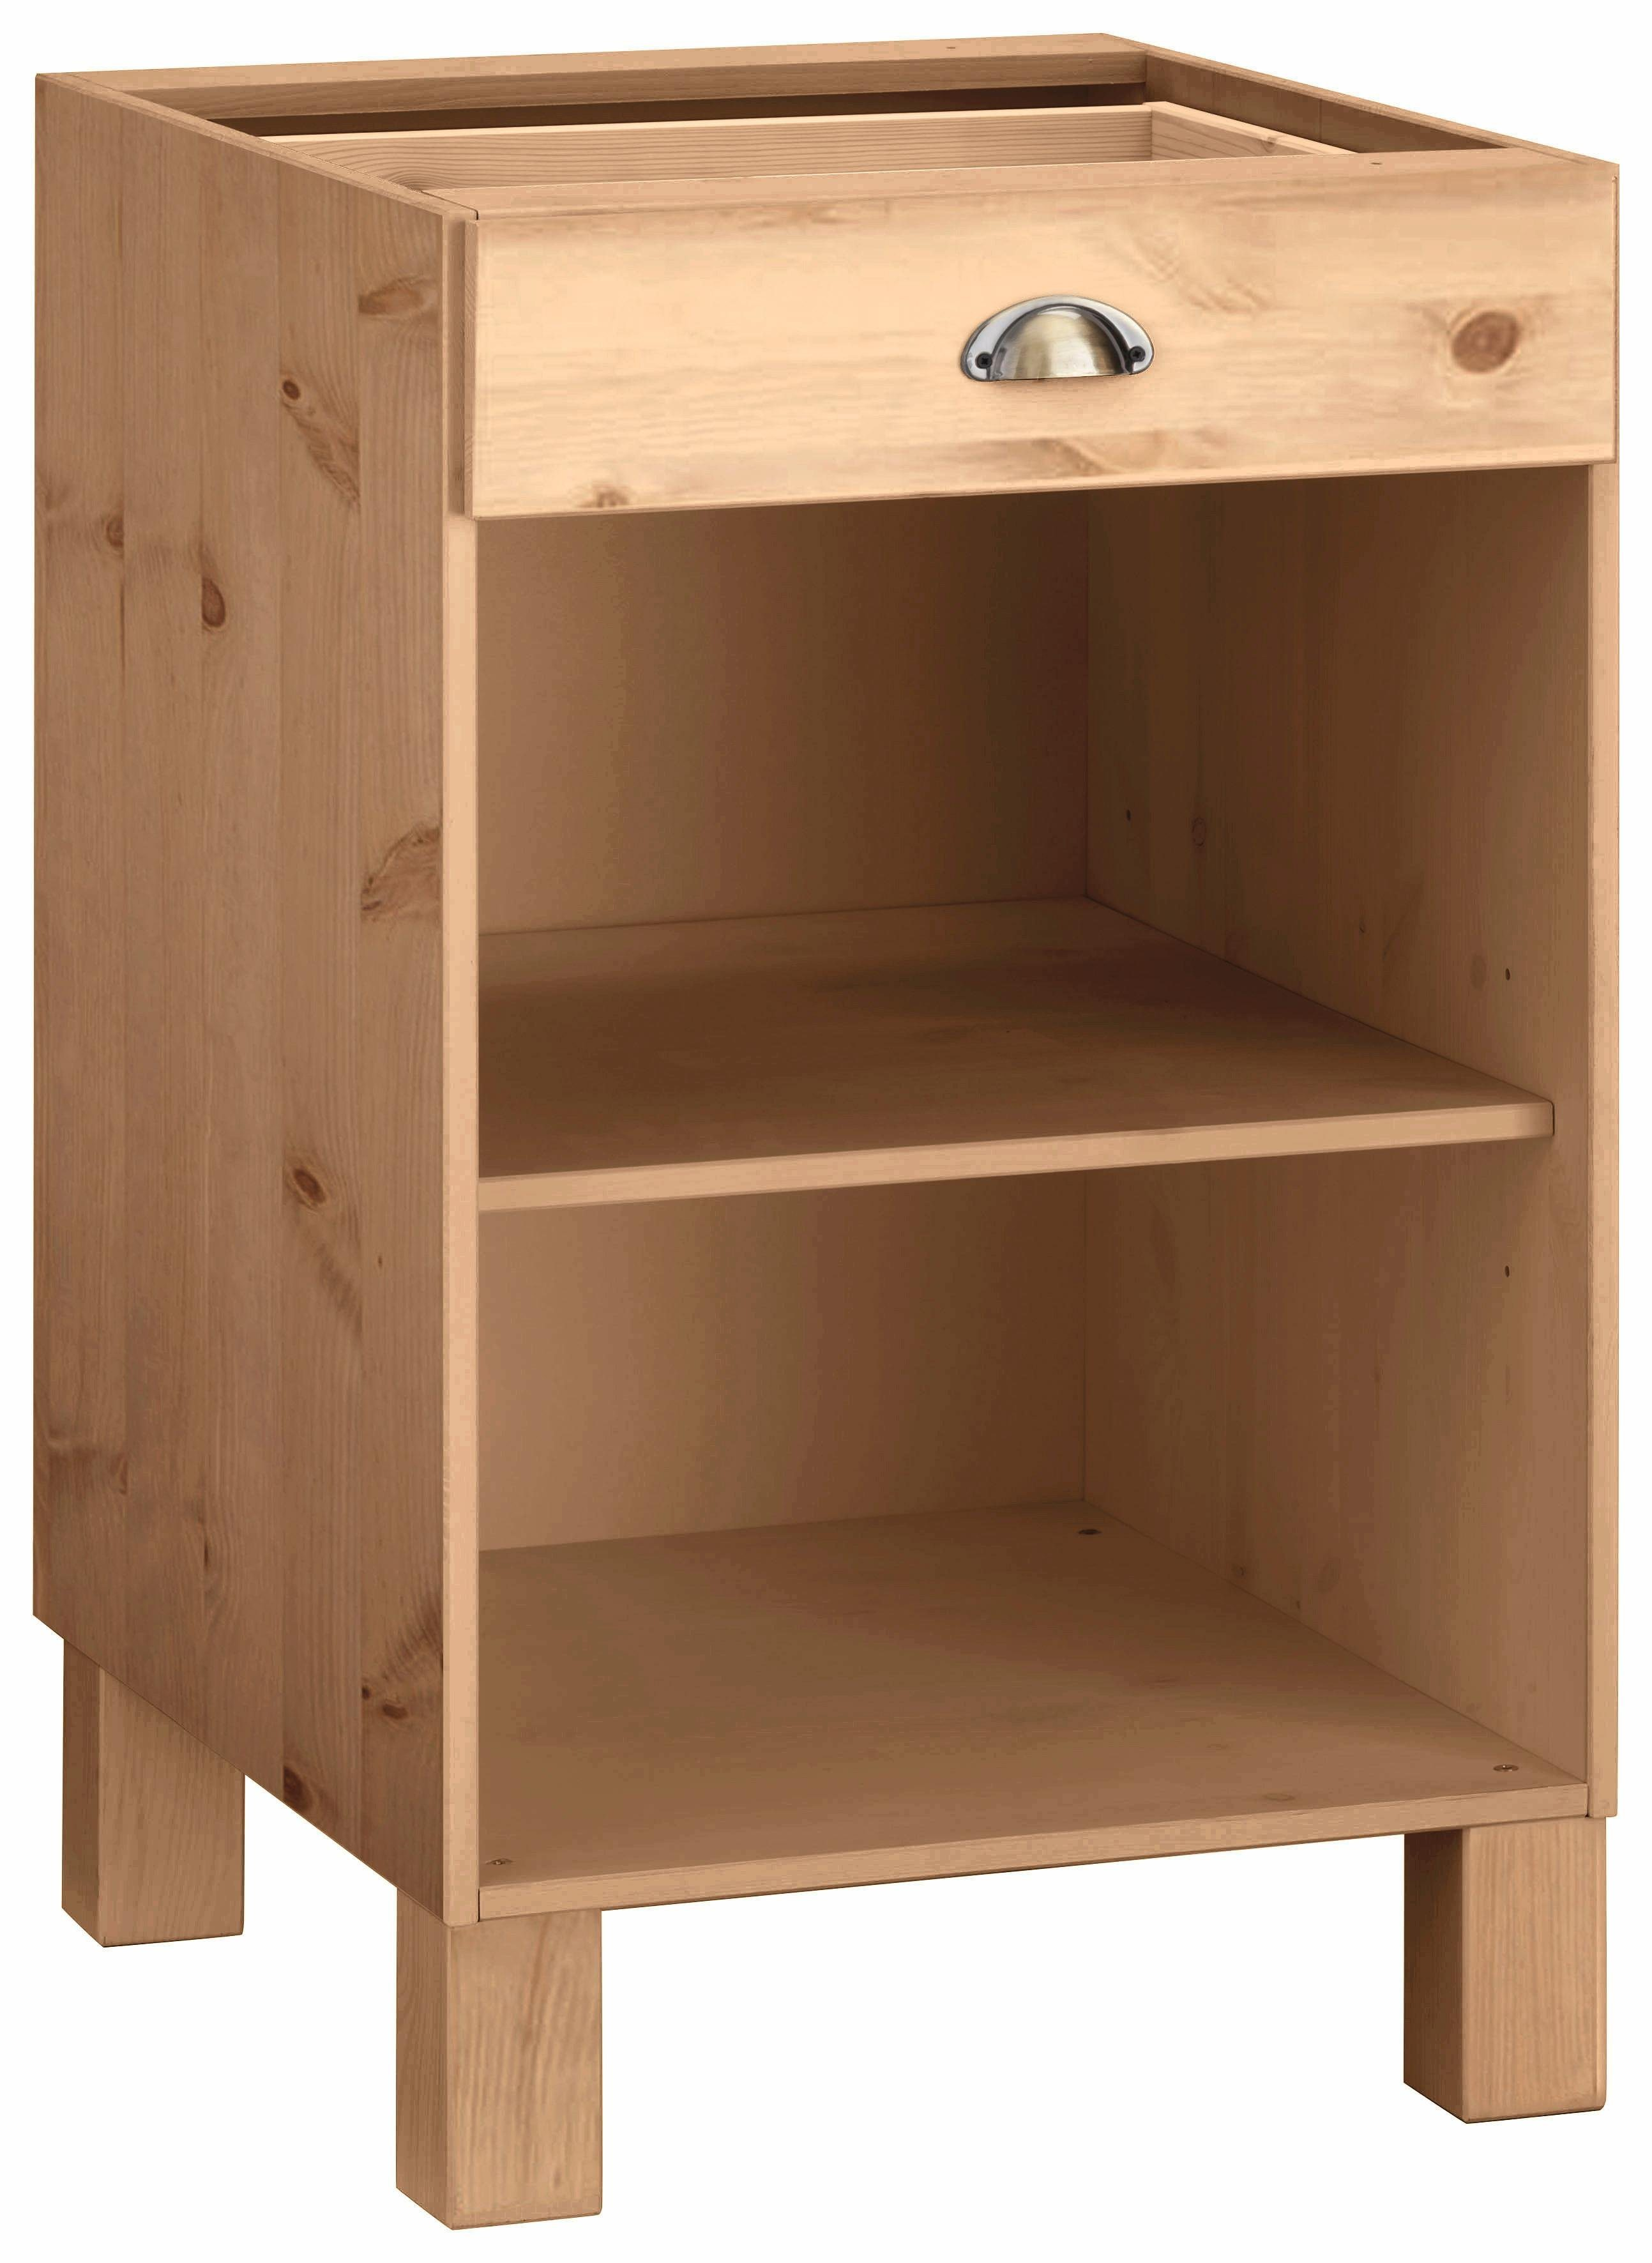 Holzeffekt Küchen-Unterschränke online kaufen | Möbel-Suchmaschine ...